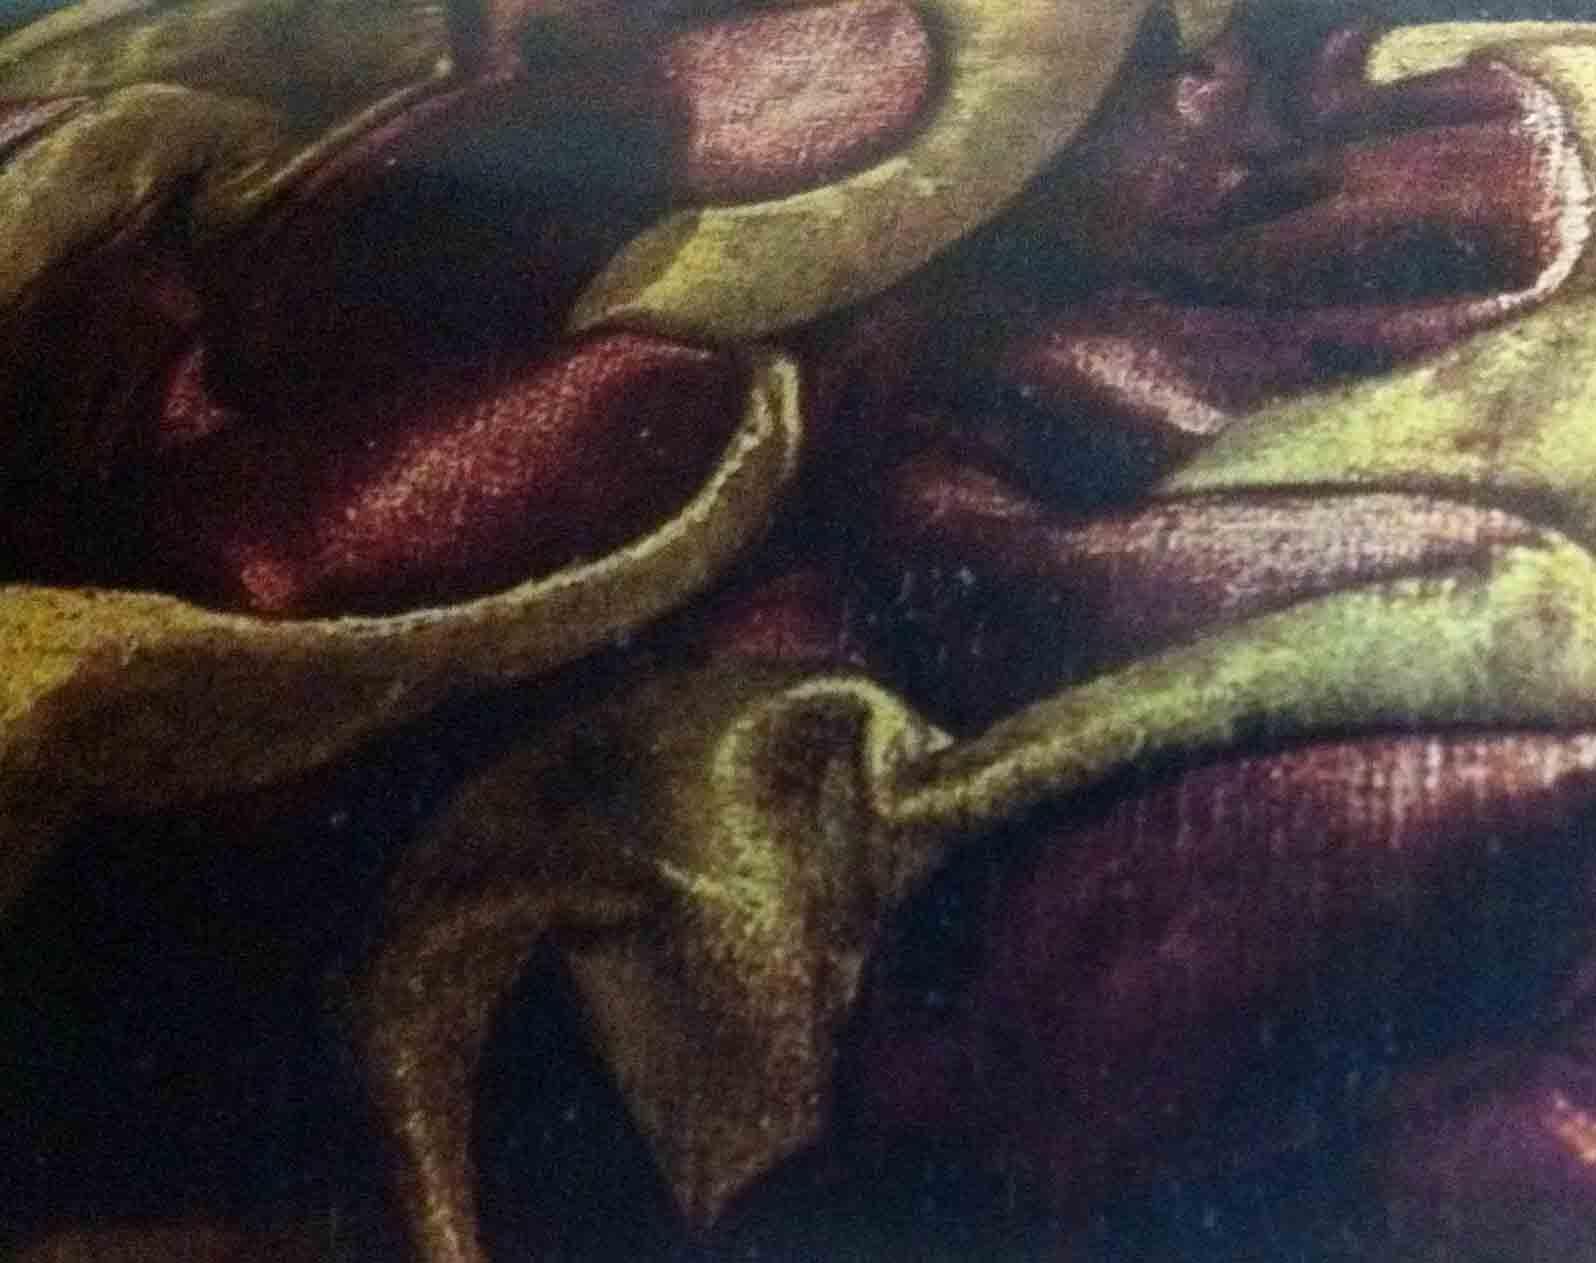 Renaissance Fabric detail